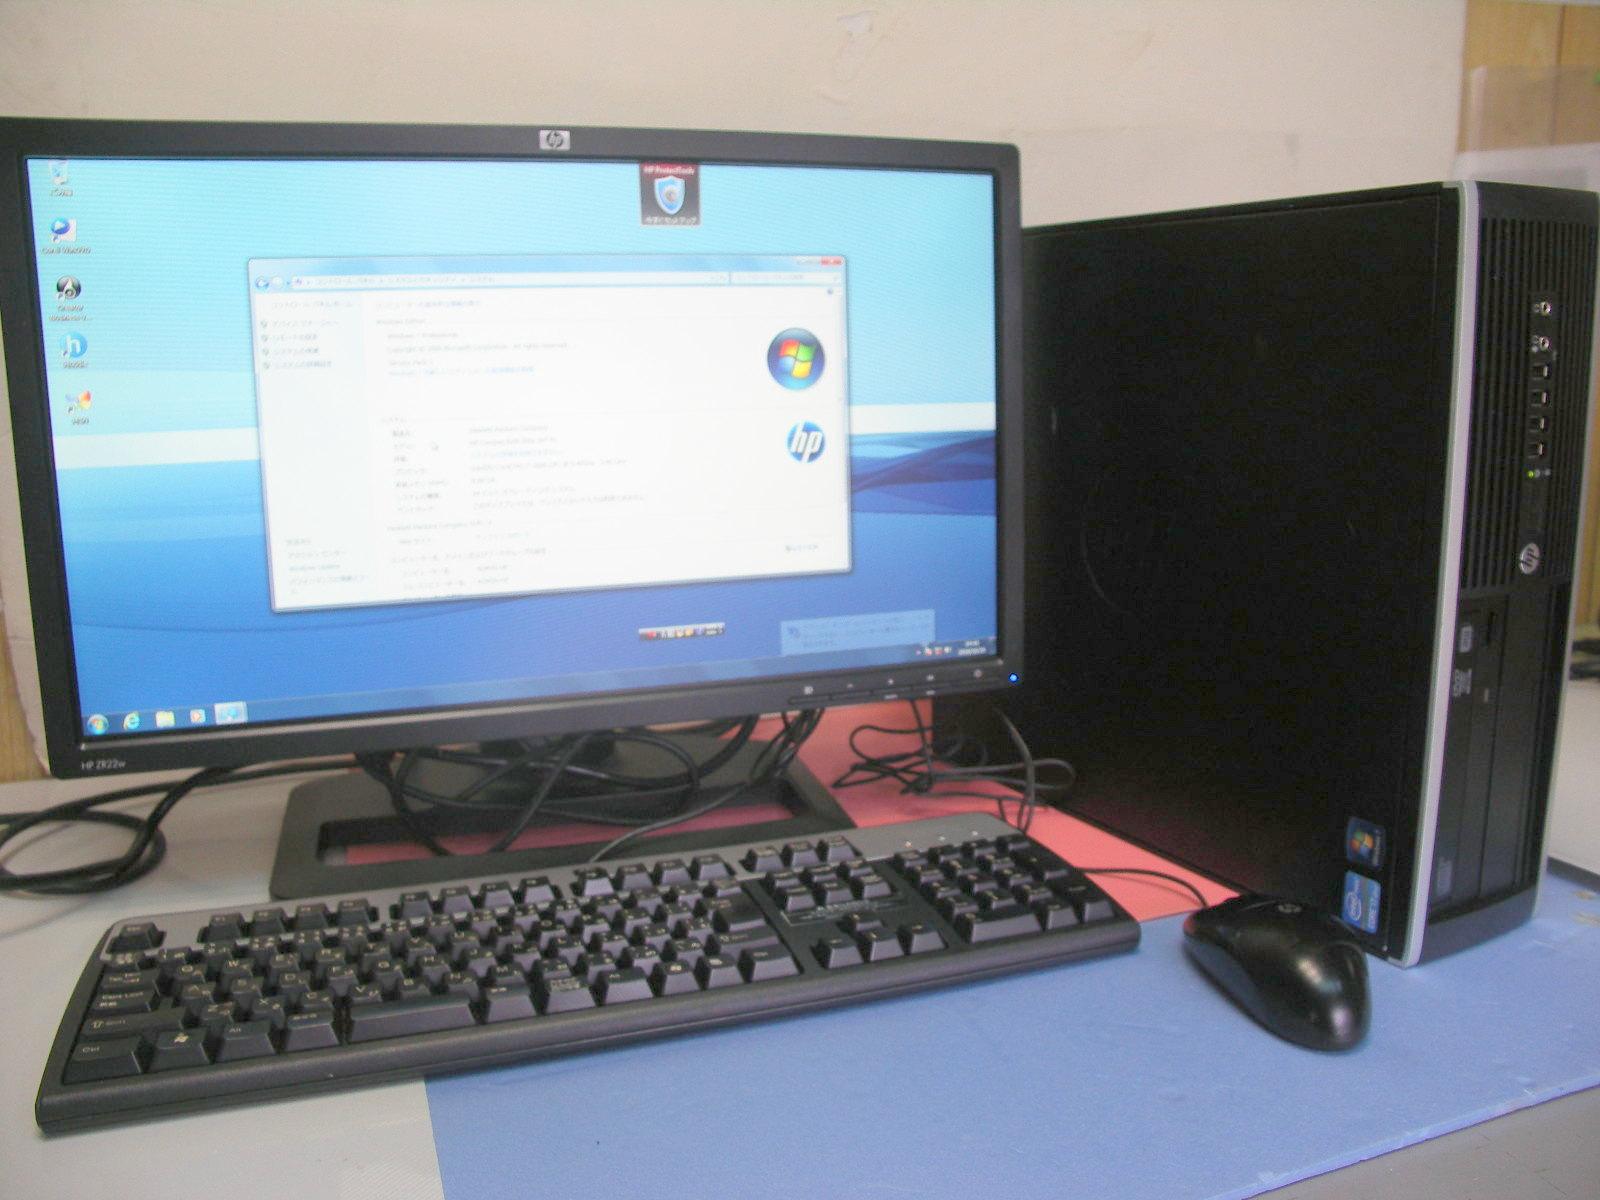 HP 8200 i7 3.2GHz 8GB 500GB  WINDOWS7 22インチセット【中古】【送料無料】【あす楽対応】